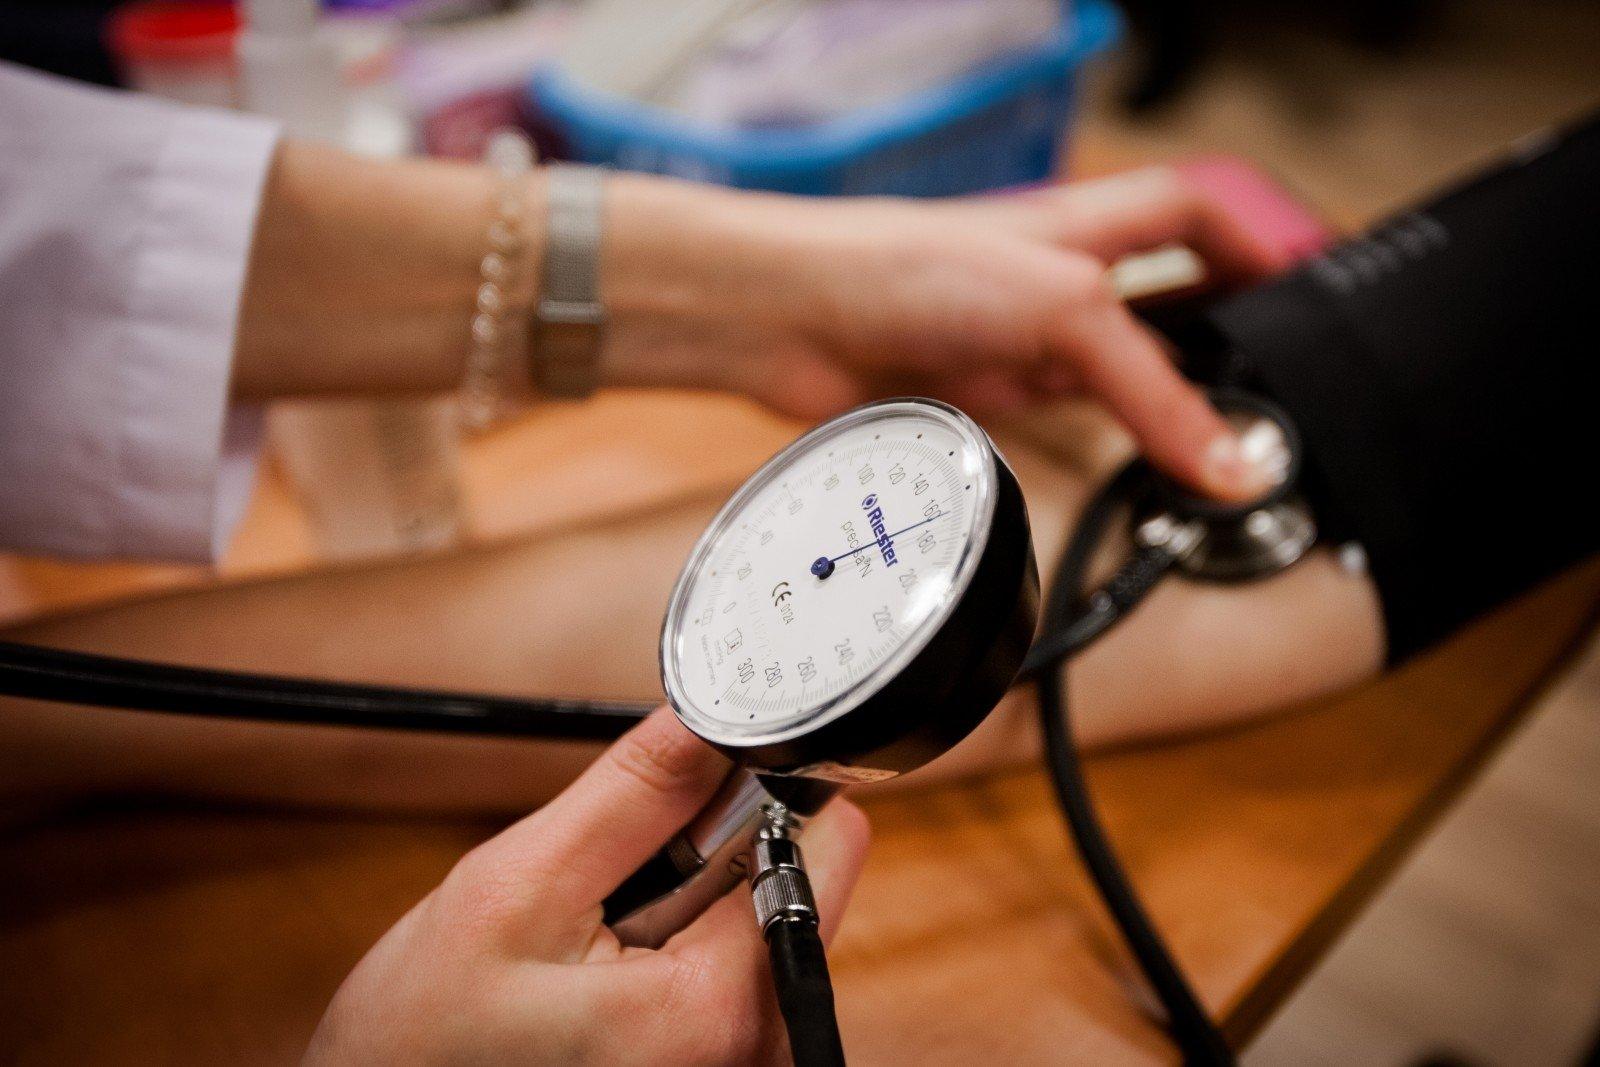 pirmoji pagalba hipertenzijai vaizdo įrašas)